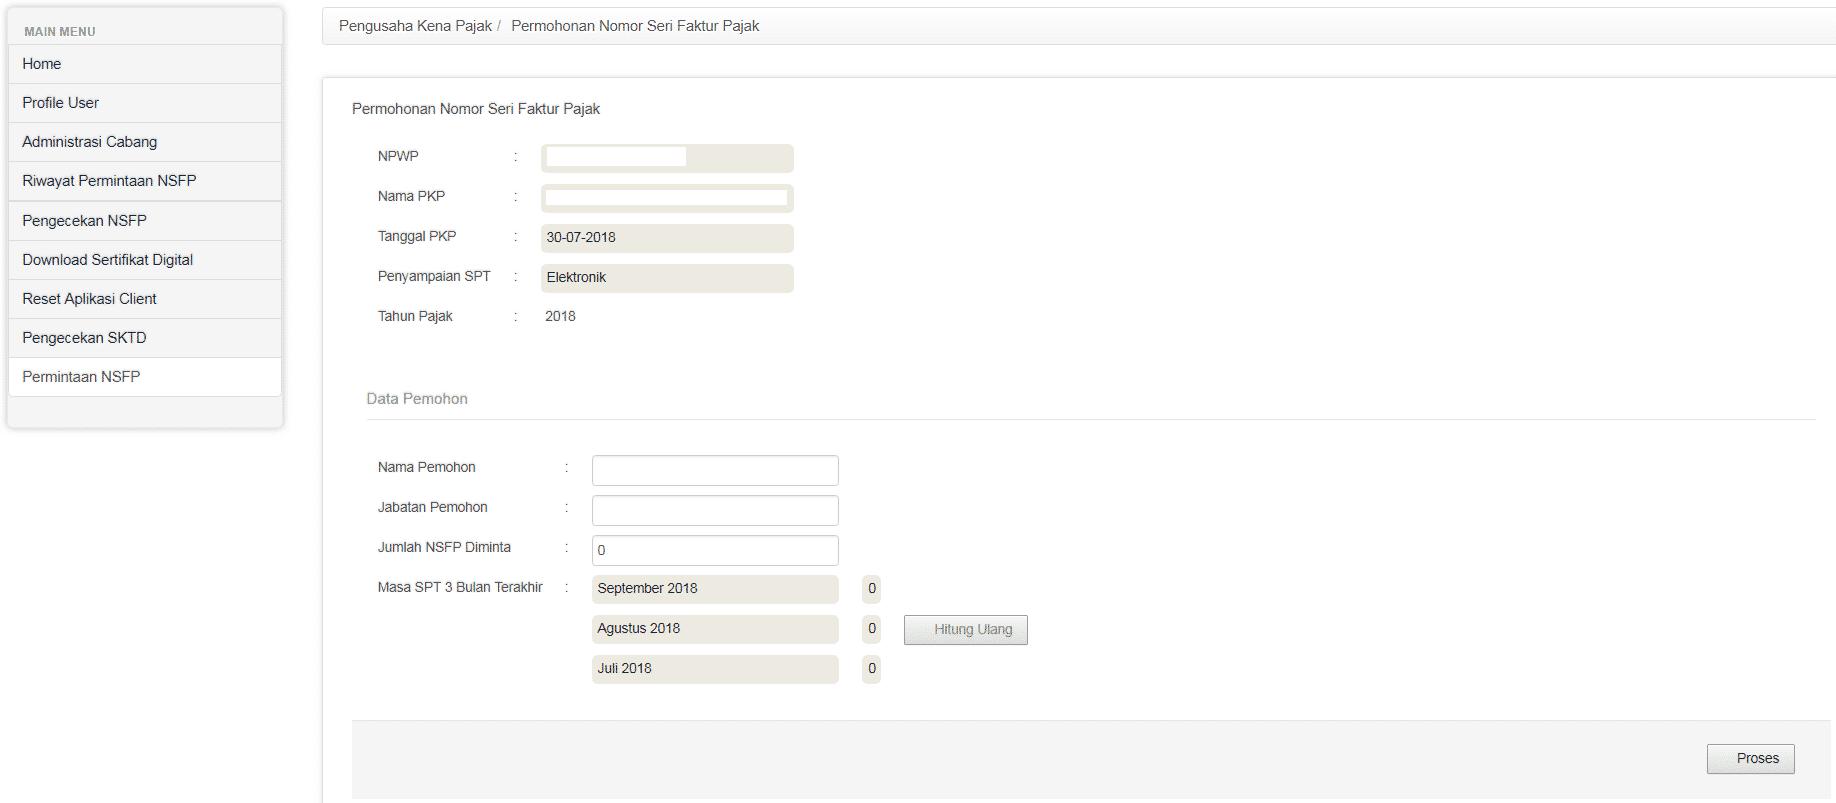 e-faktur画面